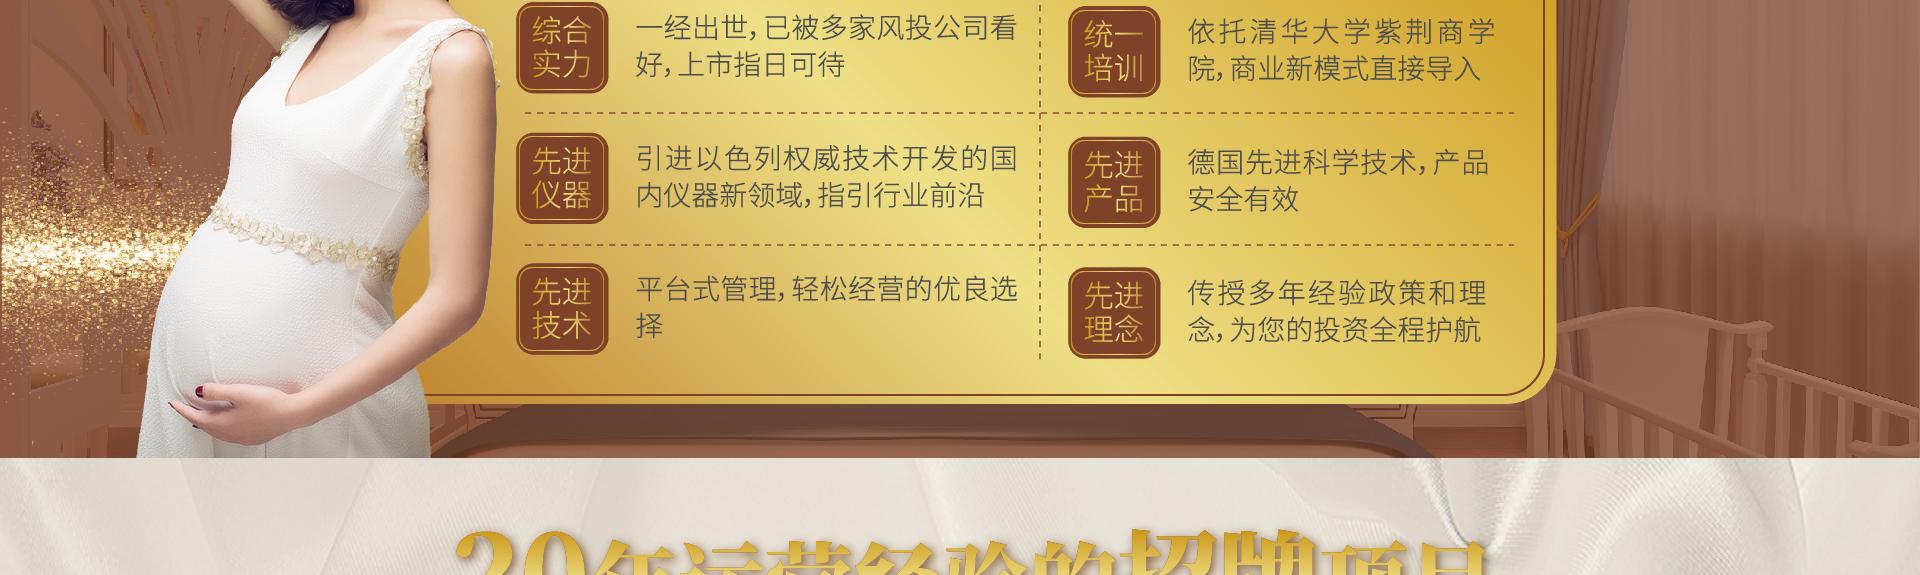 东方幸福月子会所PC_16